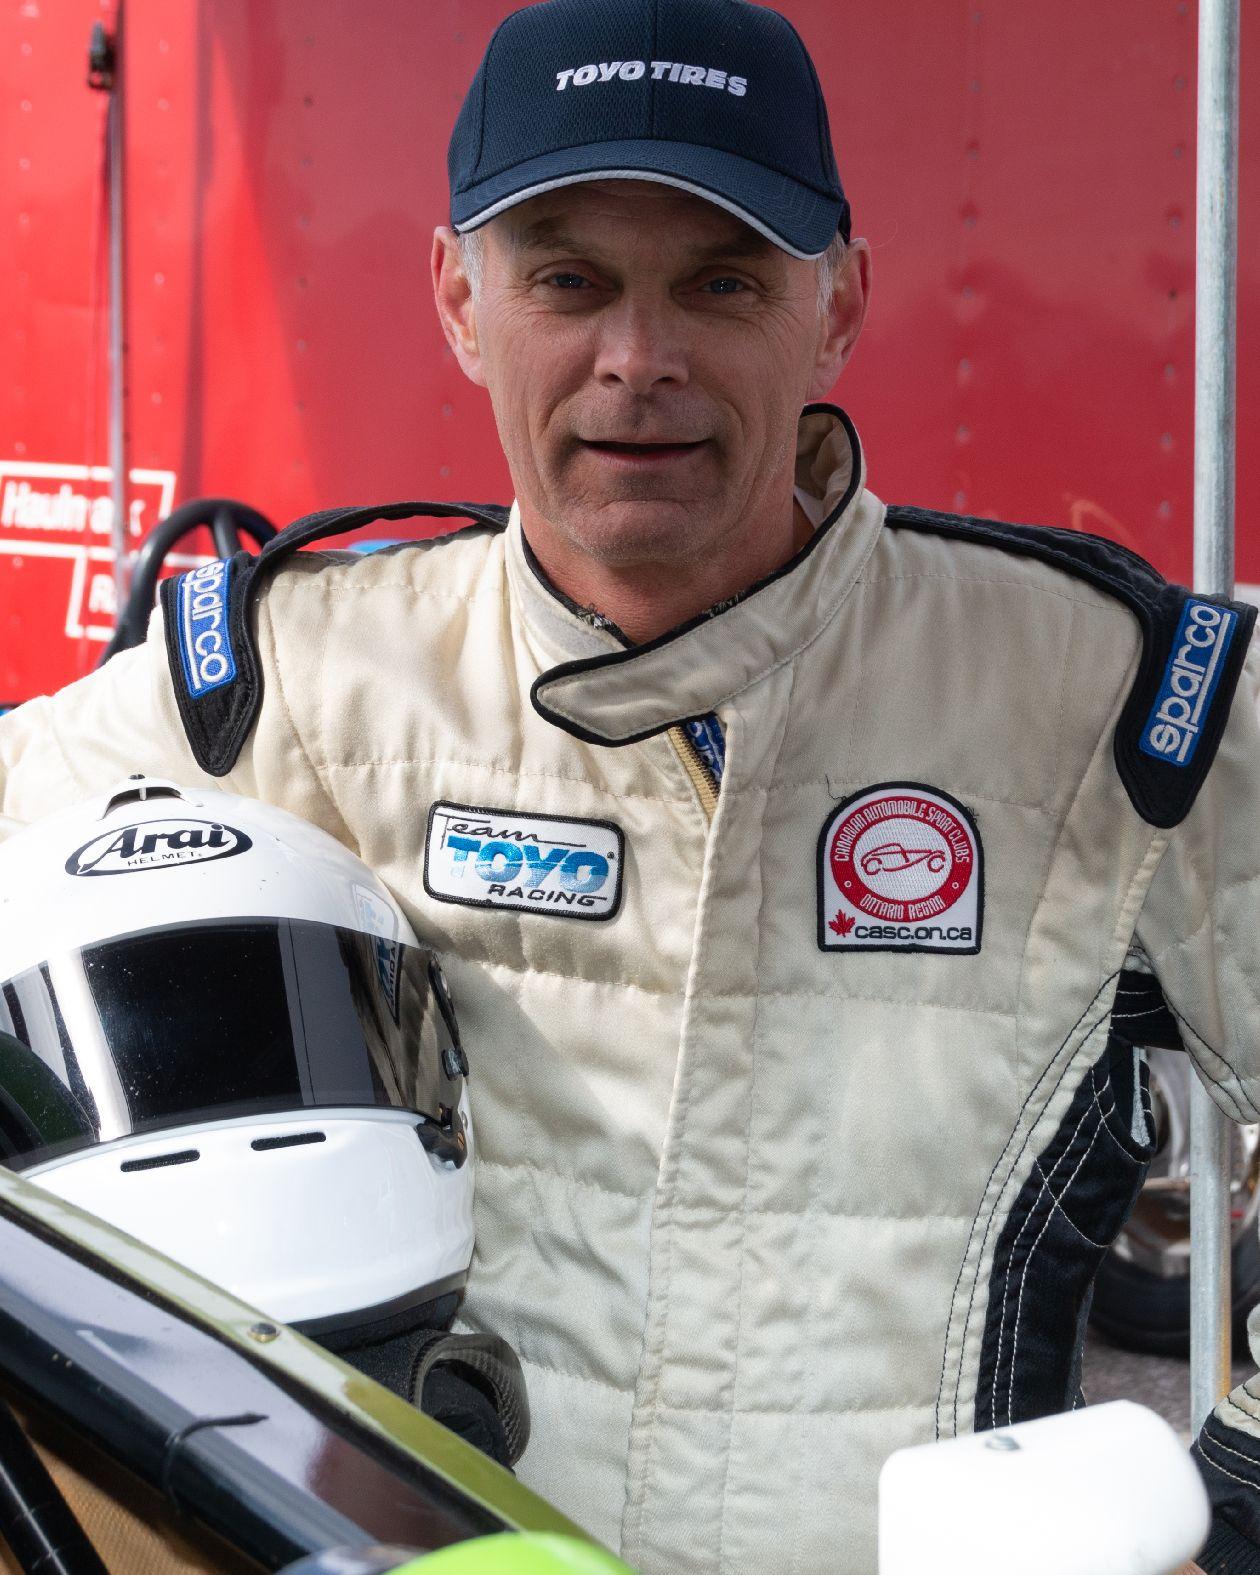 Steve Bodrug